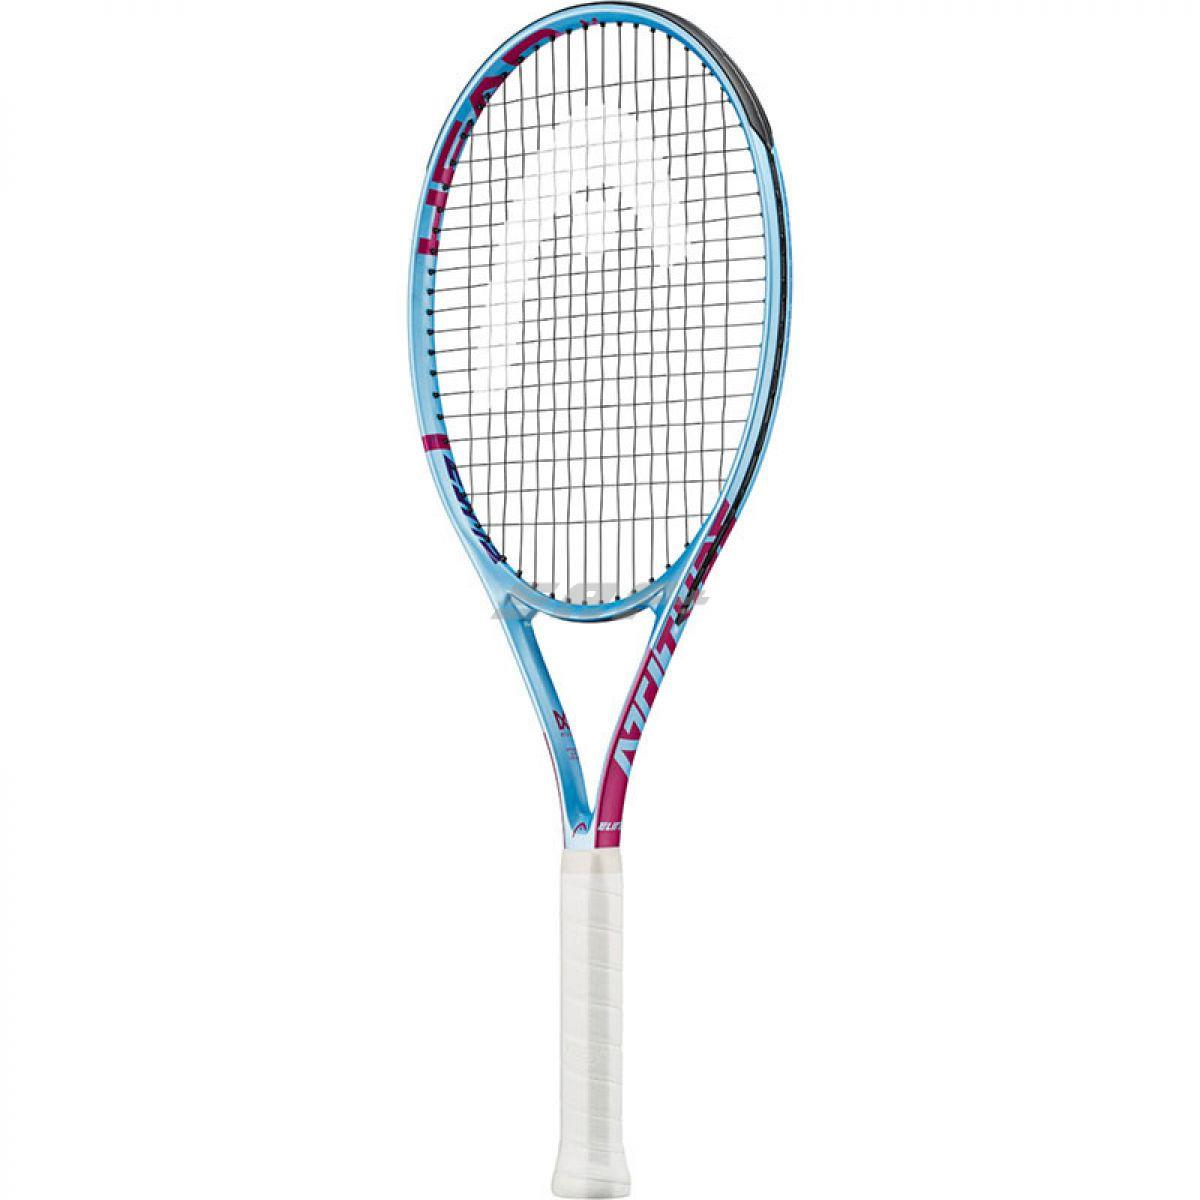 Ракетка теннисная Ракетка б/т HEAD MX Attitude Elit Gr2, арт.232029, для любителей, композит,со струнами, голубой